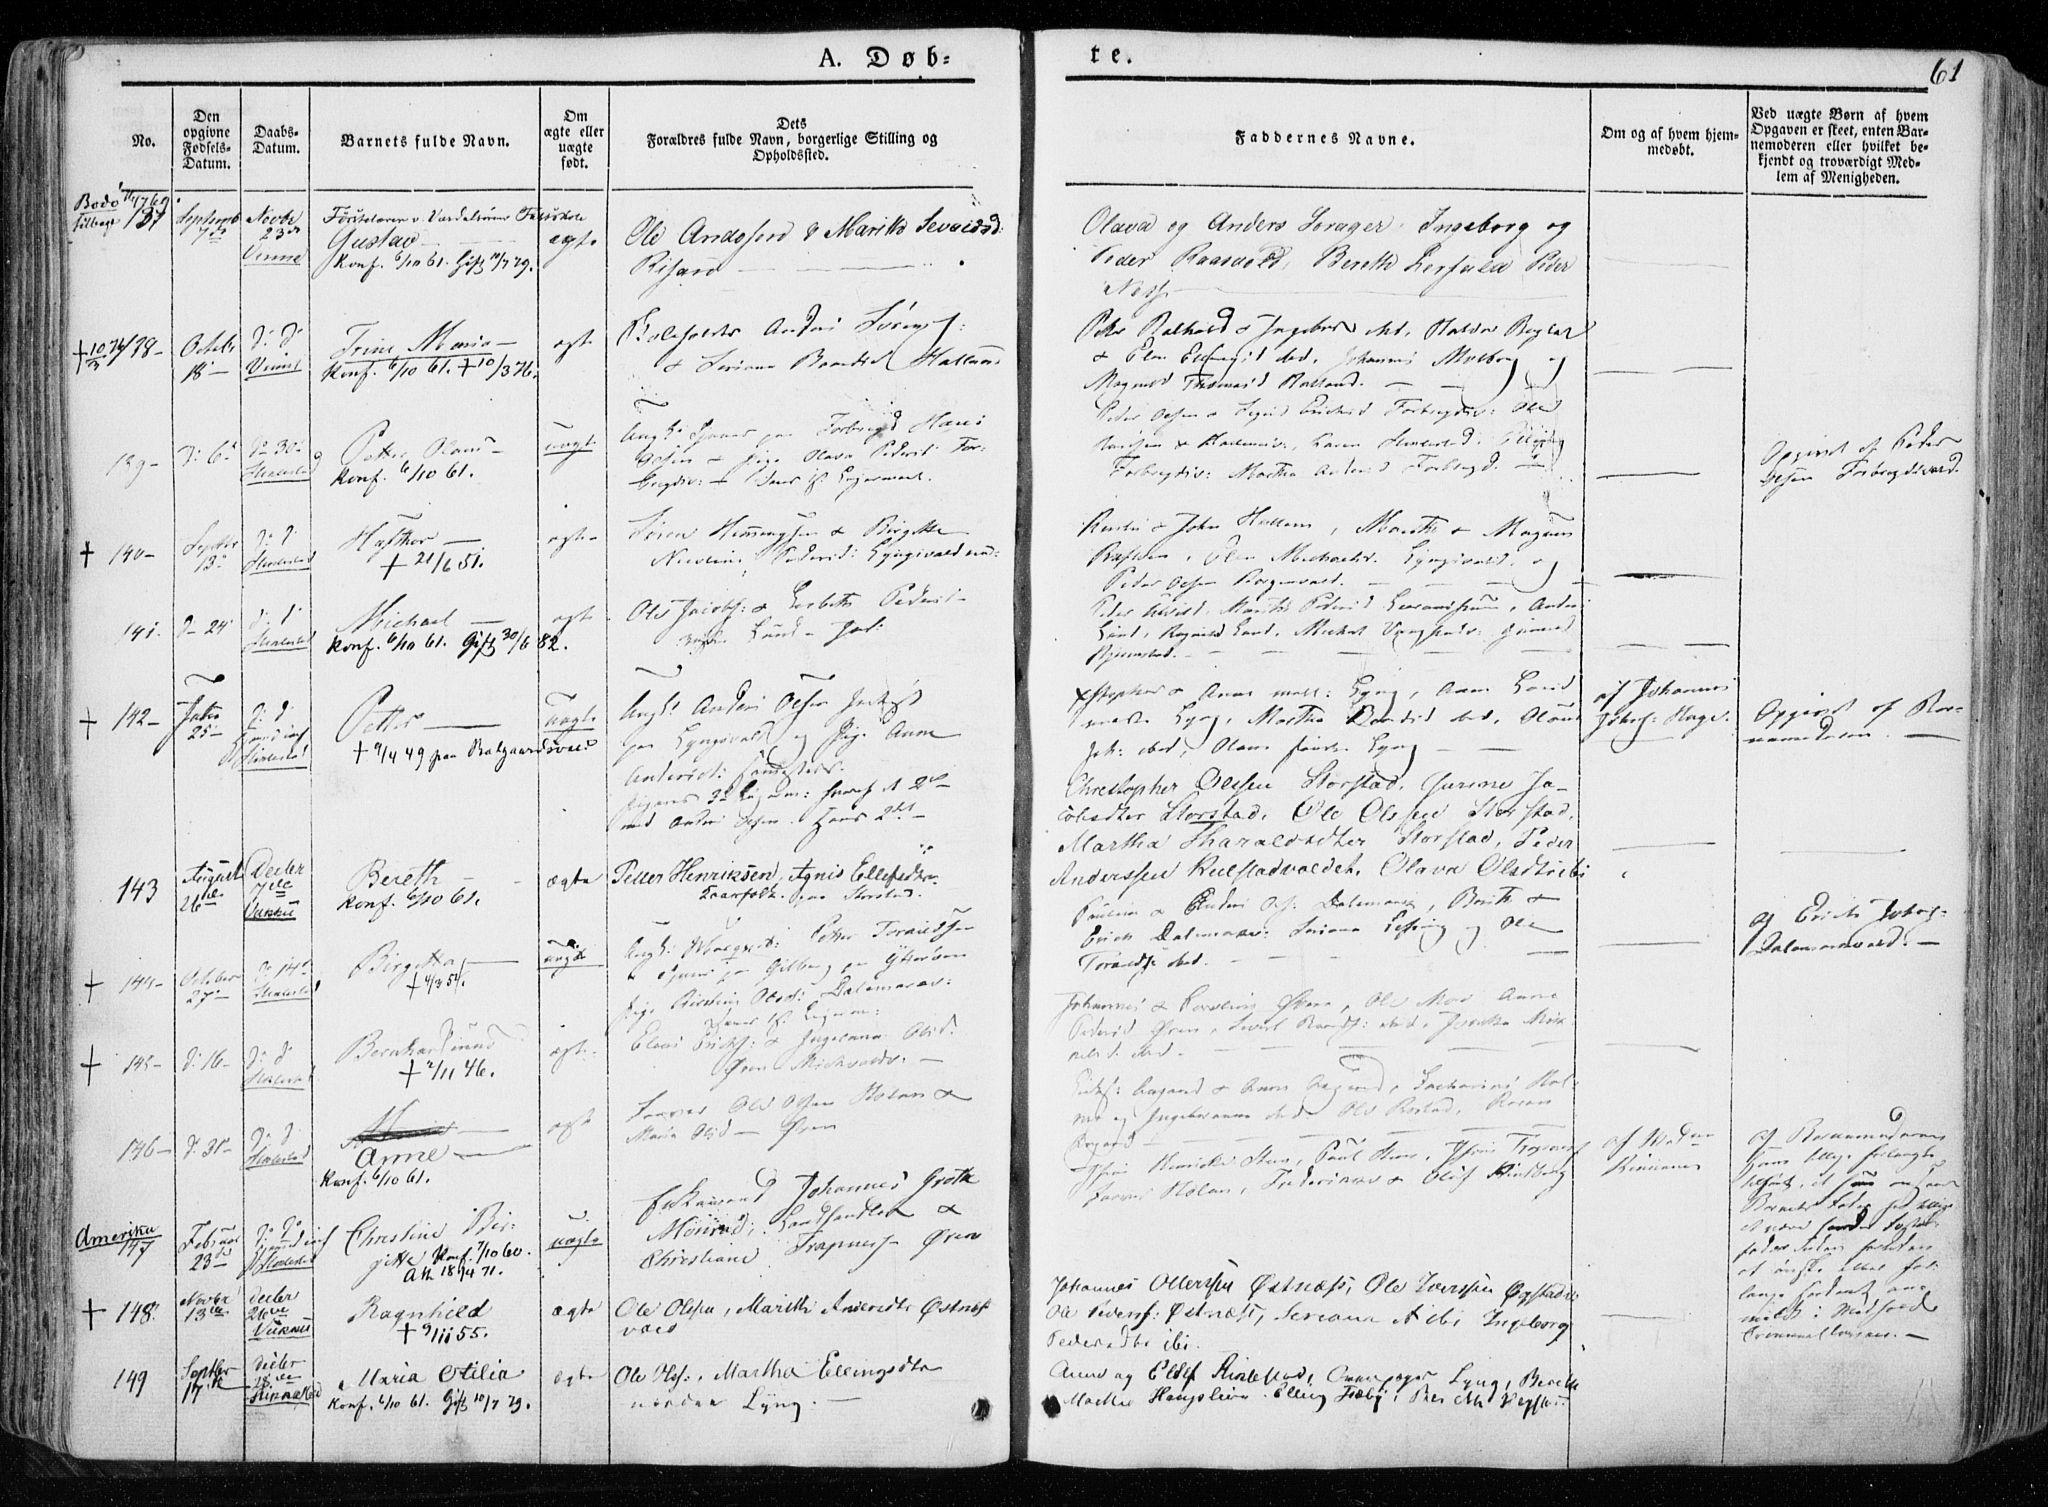 SAT, Ministerialprotokoller, klokkerbøker og fødselsregistre - Nord-Trøndelag, 723/L0239: Parish register (official) no. 723A08, 1841-1851, p. 61